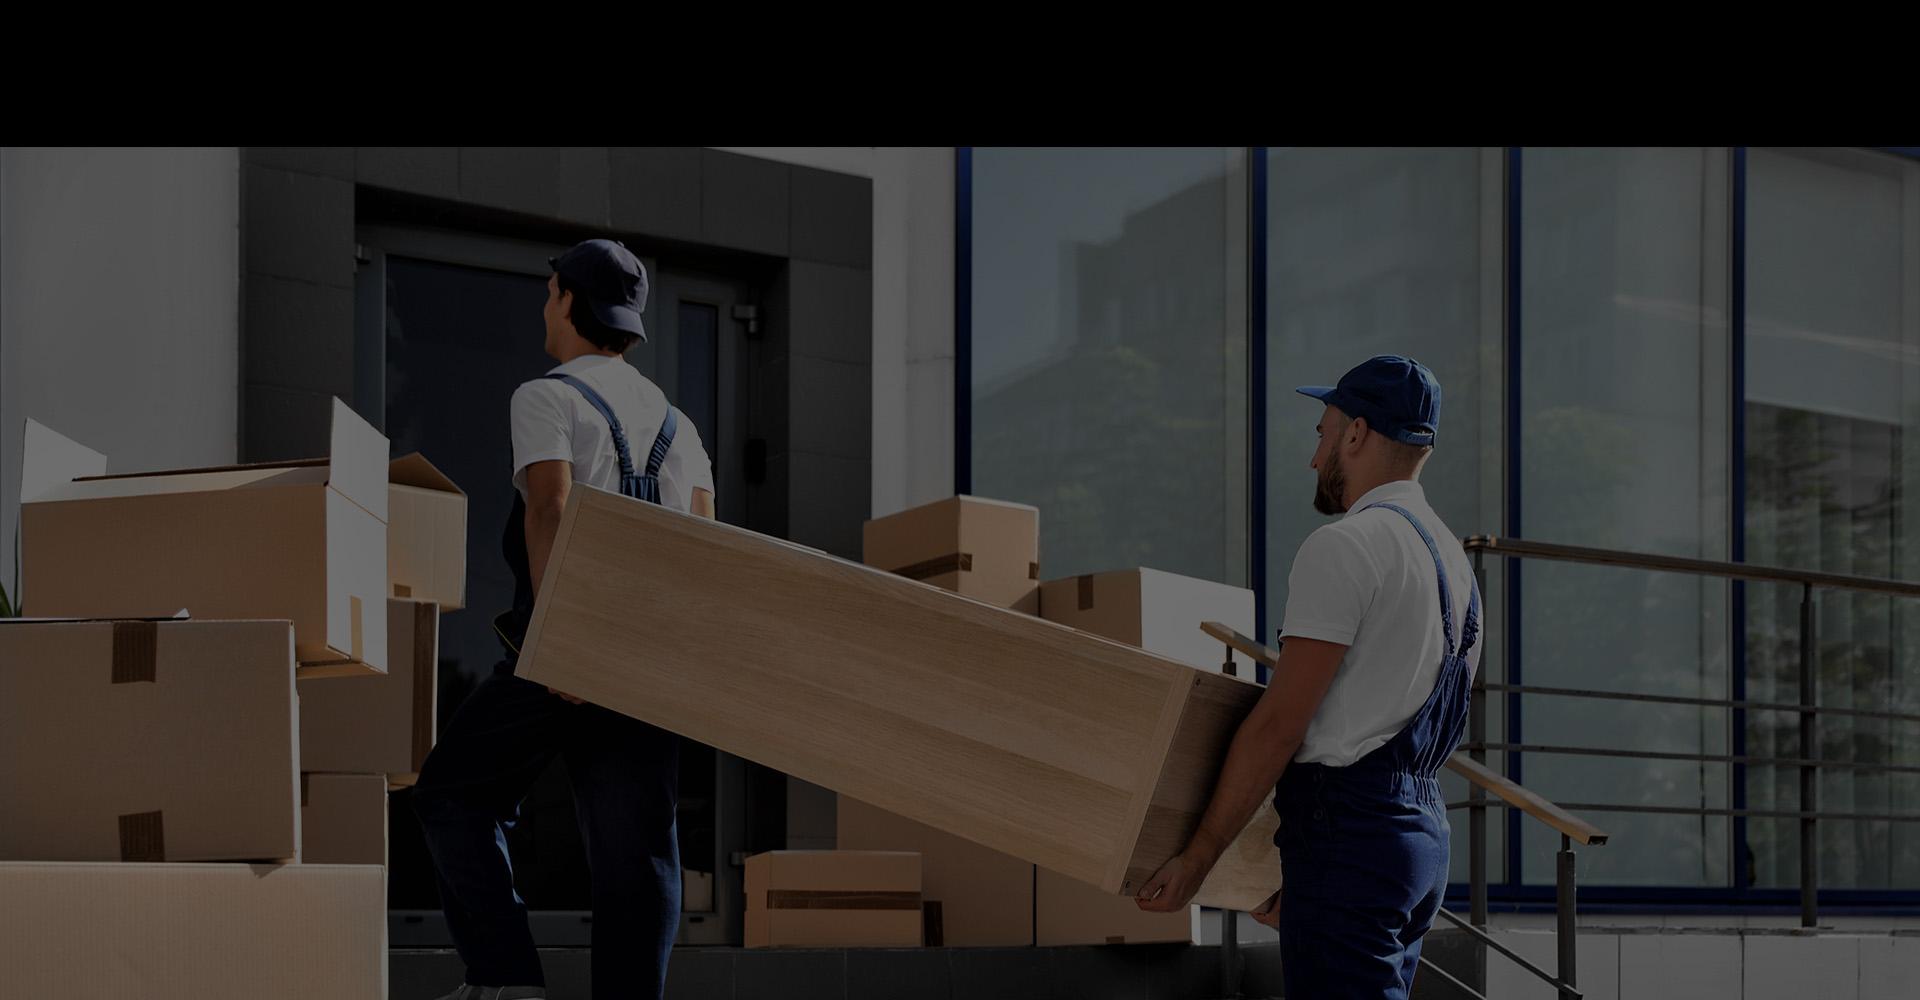 Logistique et transport de marchandises